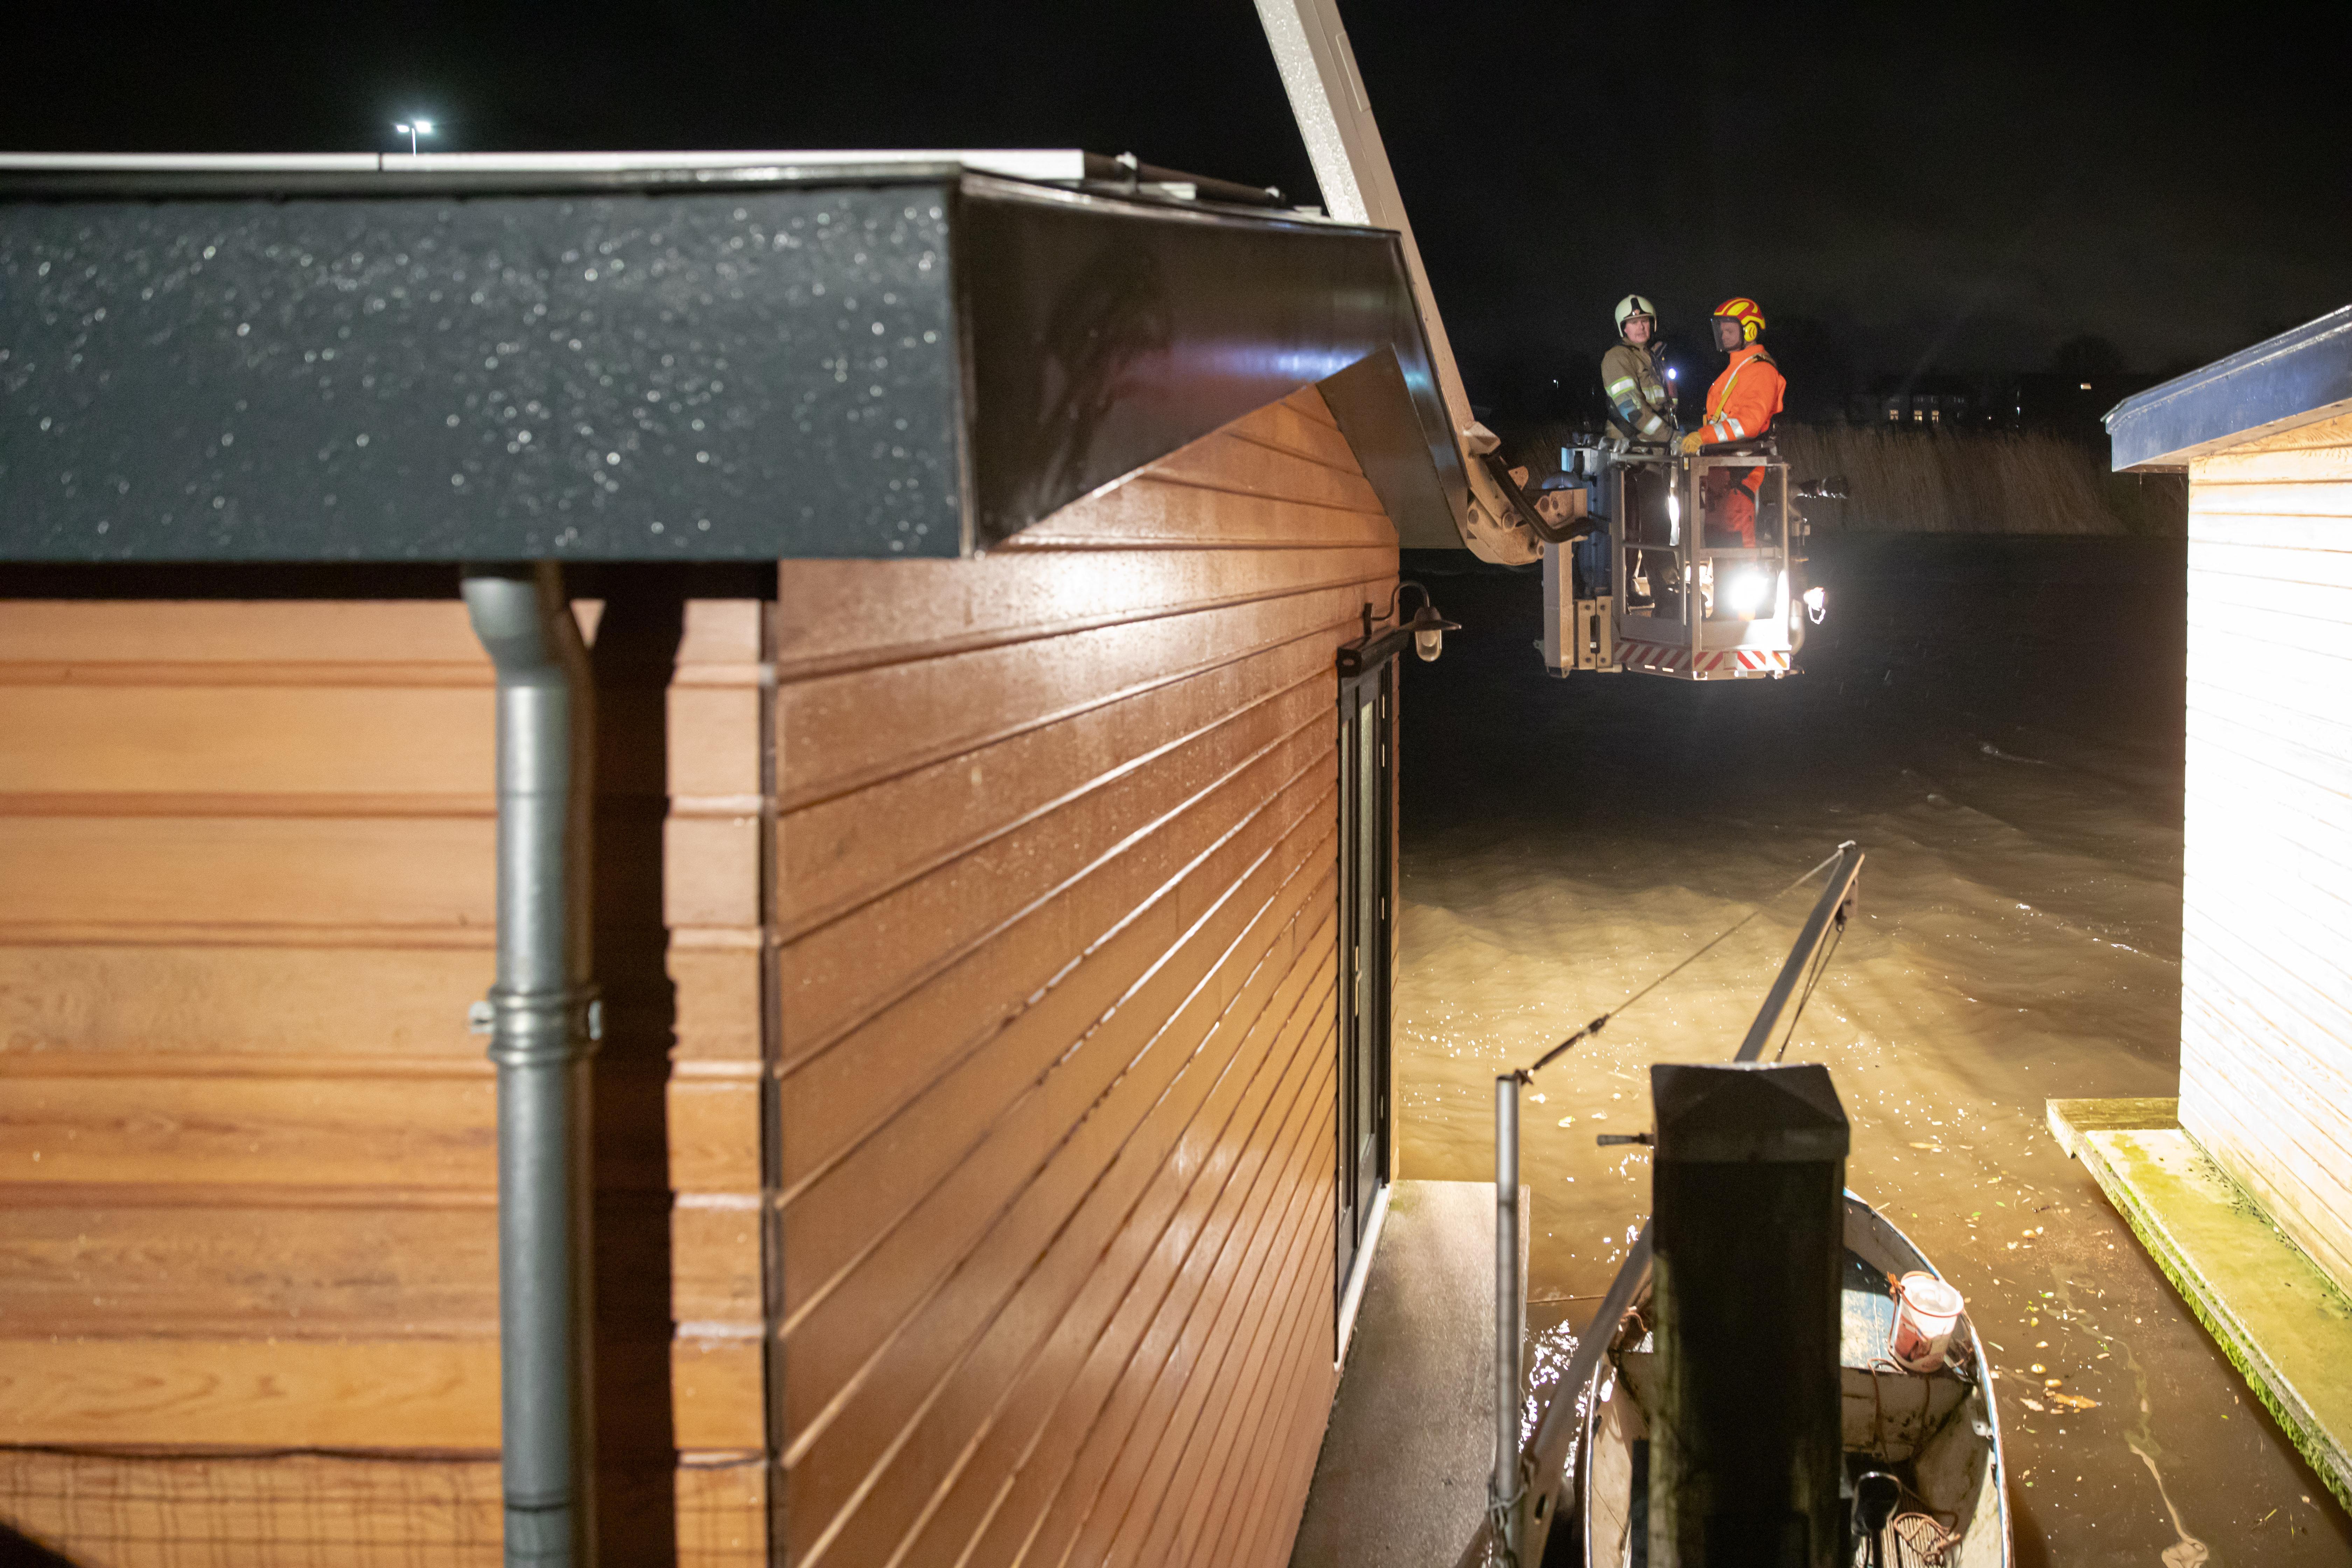 Brandweer druk met woonboot in Baarn, die door zeer lage waterstand in de problemen kwam